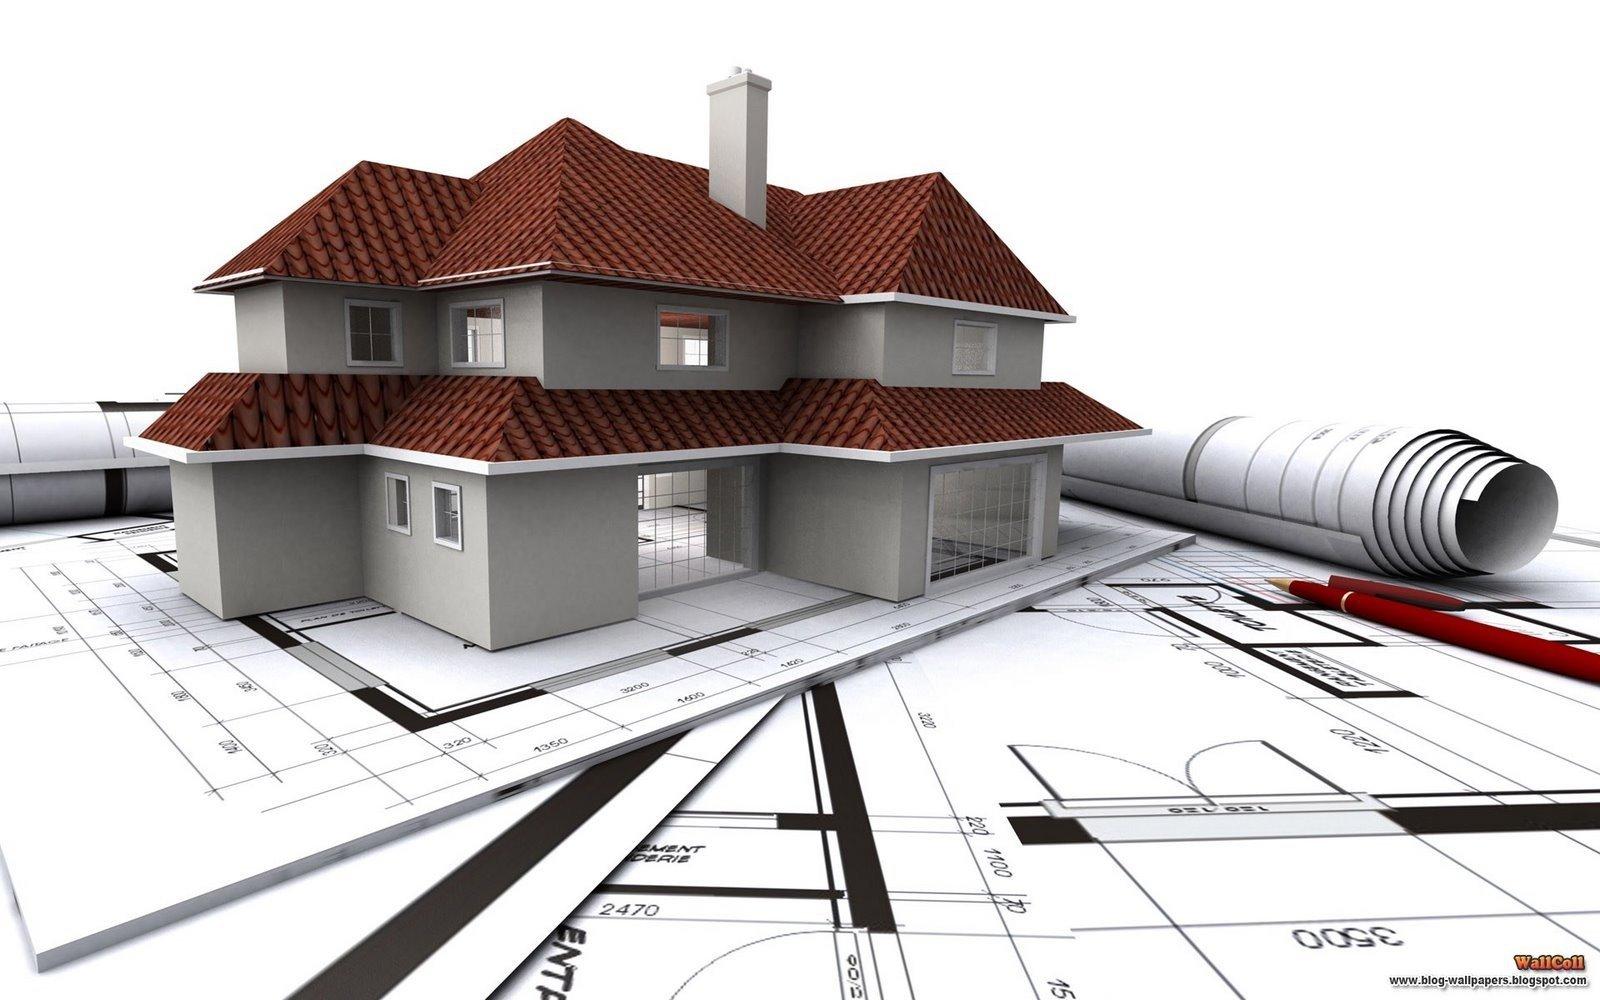 Bina Rumah Banglo Atas Tanah Sendiri Baca Ini Dahulu Ontrenz